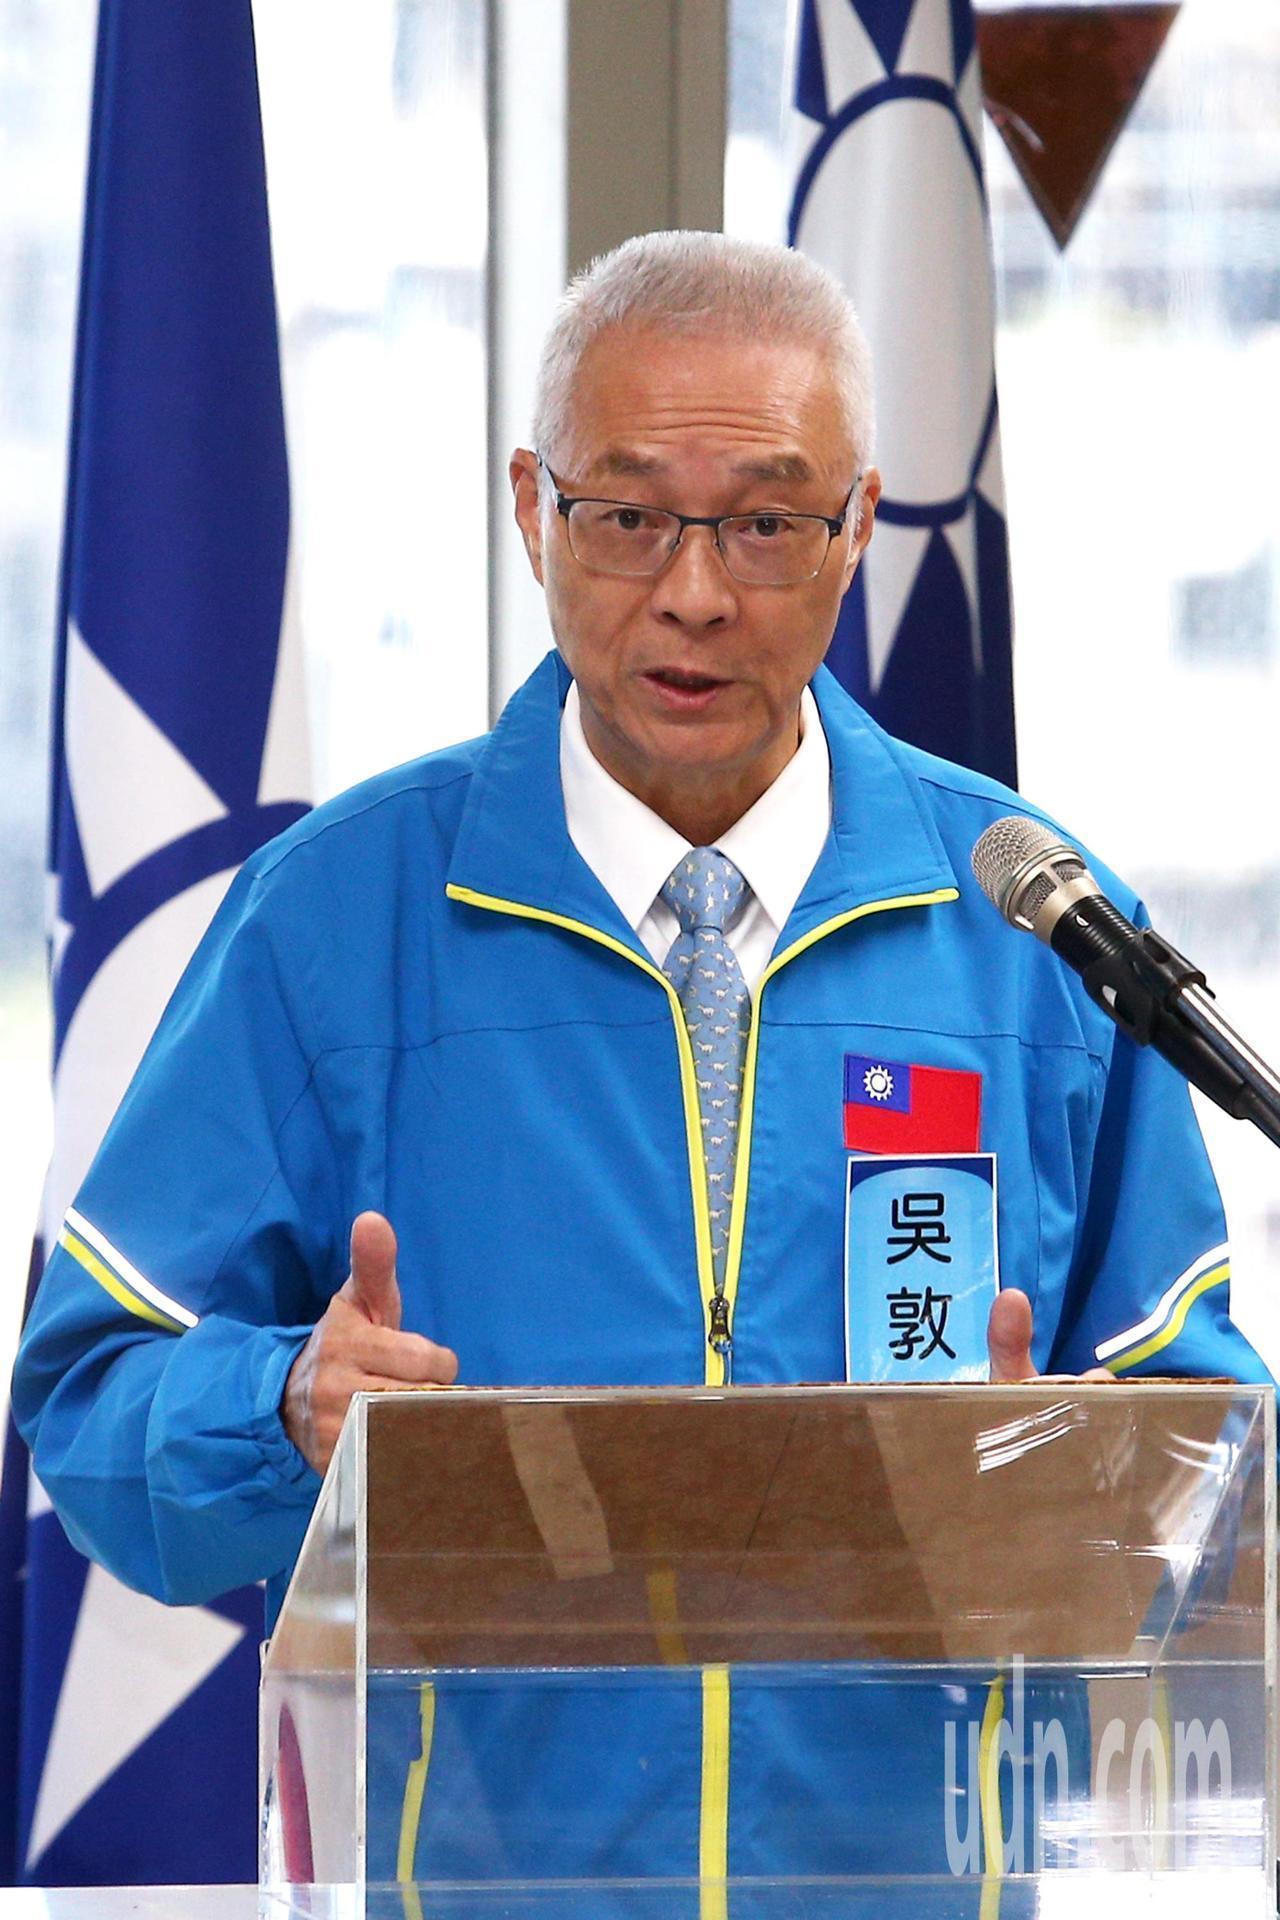 国民党党主席吴敦义上午出席国民党中央委员会议,致词时呼吁团结一致下架民进党。记者...